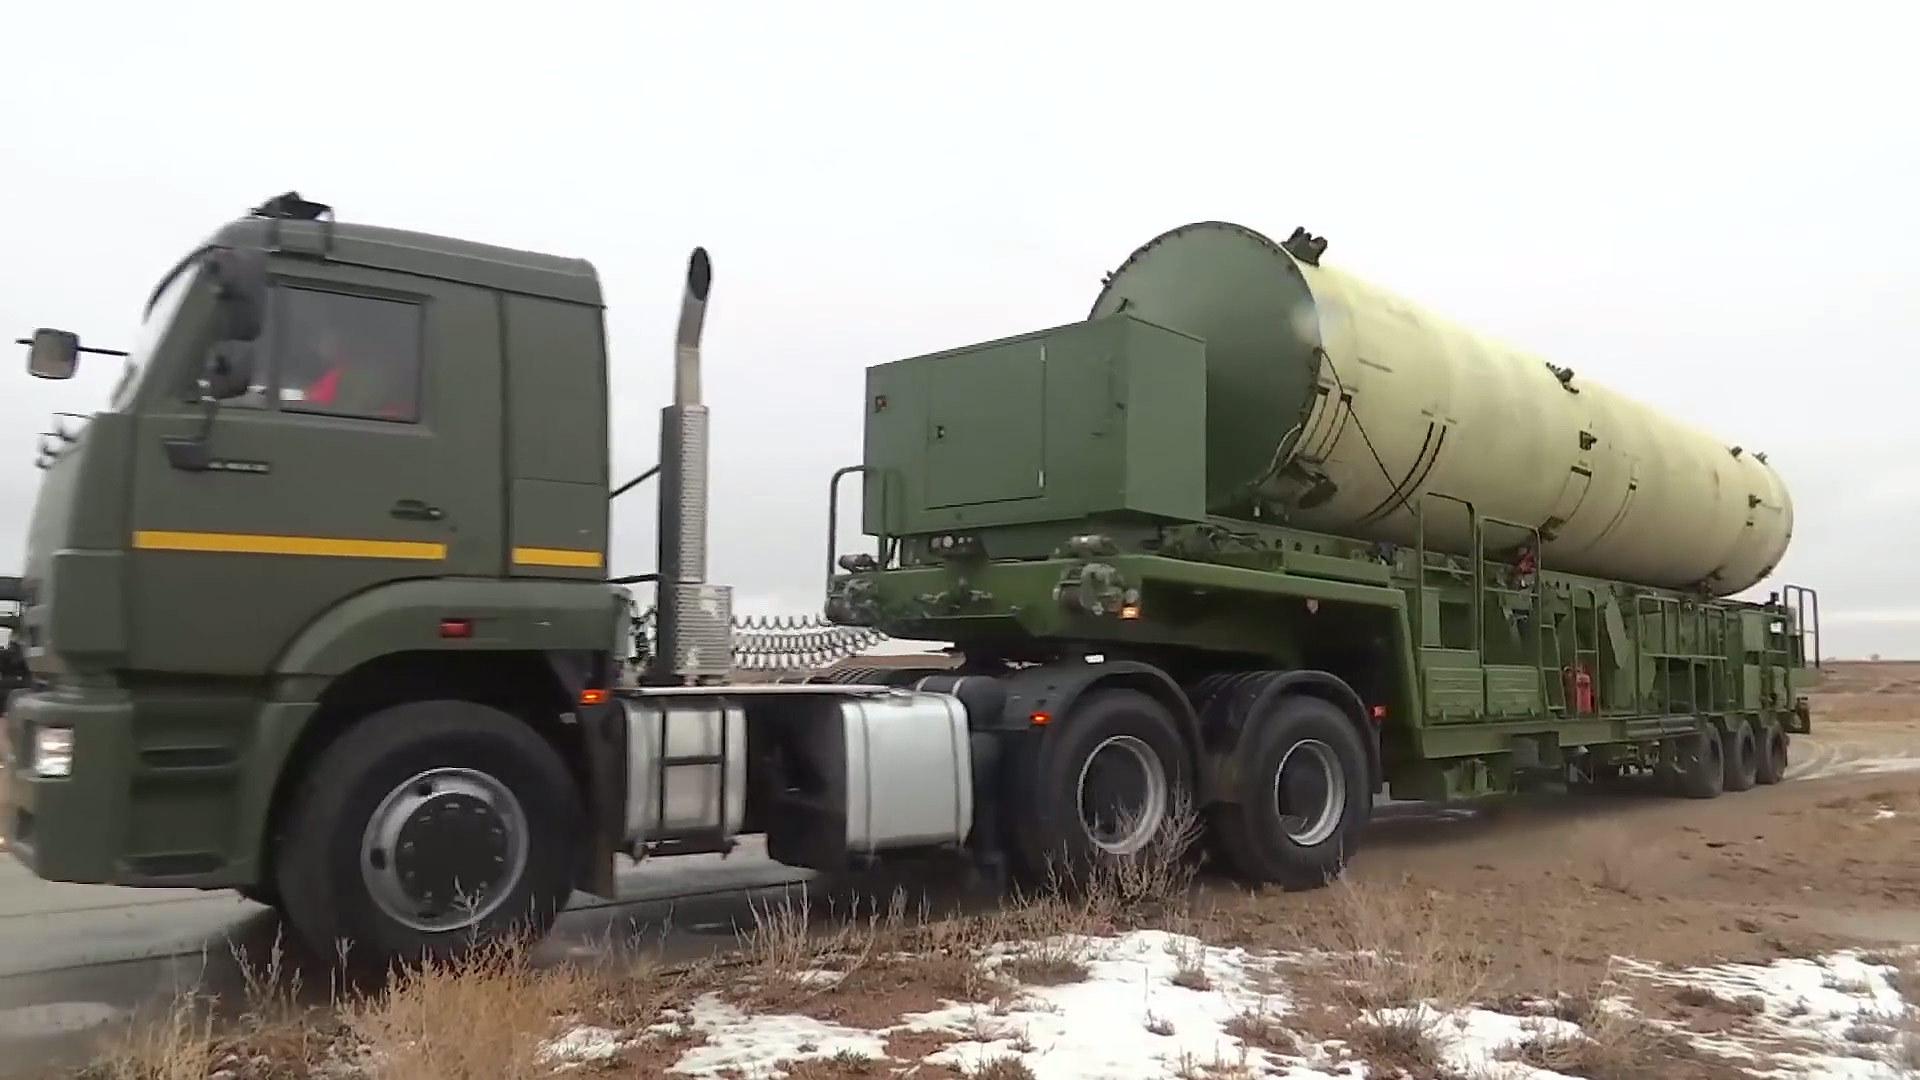 A-235 PL-19 努多利河是俄罗斯的第三代反弹道导弹系统与反卫星武器系